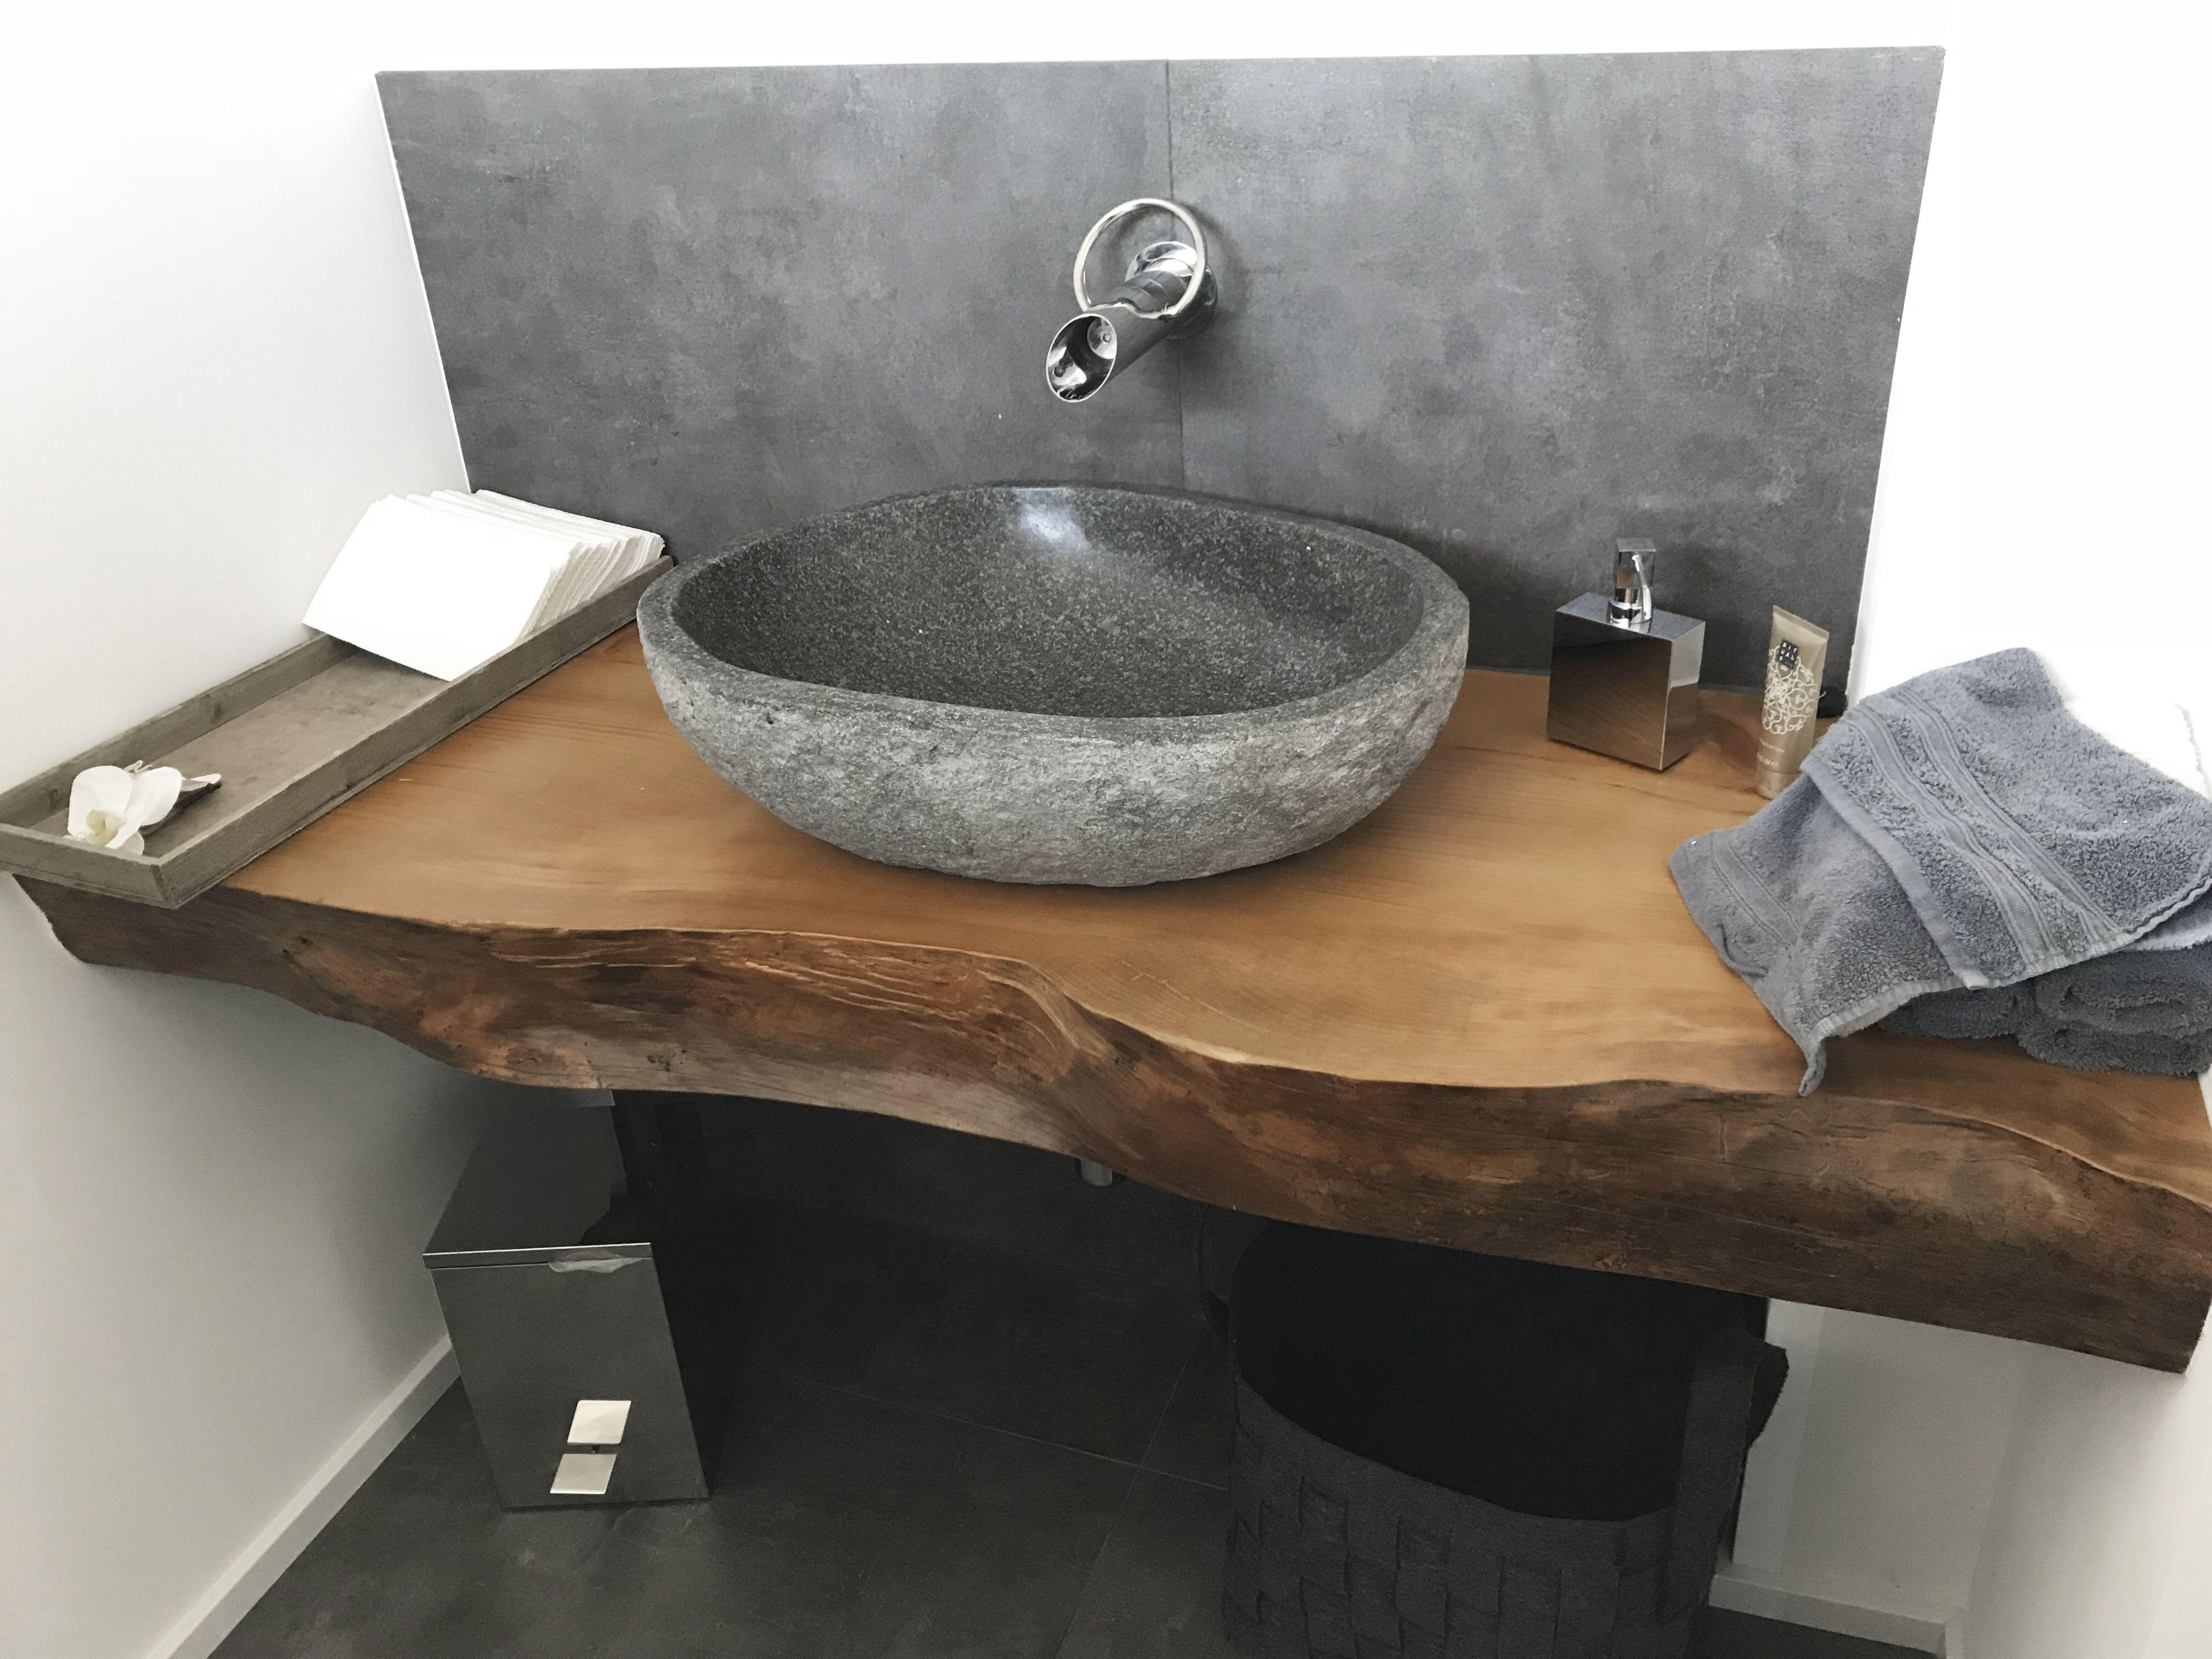 Baumscheiben Waschbecken Steinbecken Waschbecken Massanfertigung Badezimmer Rustikal Waschbecken Badezimmer Klein